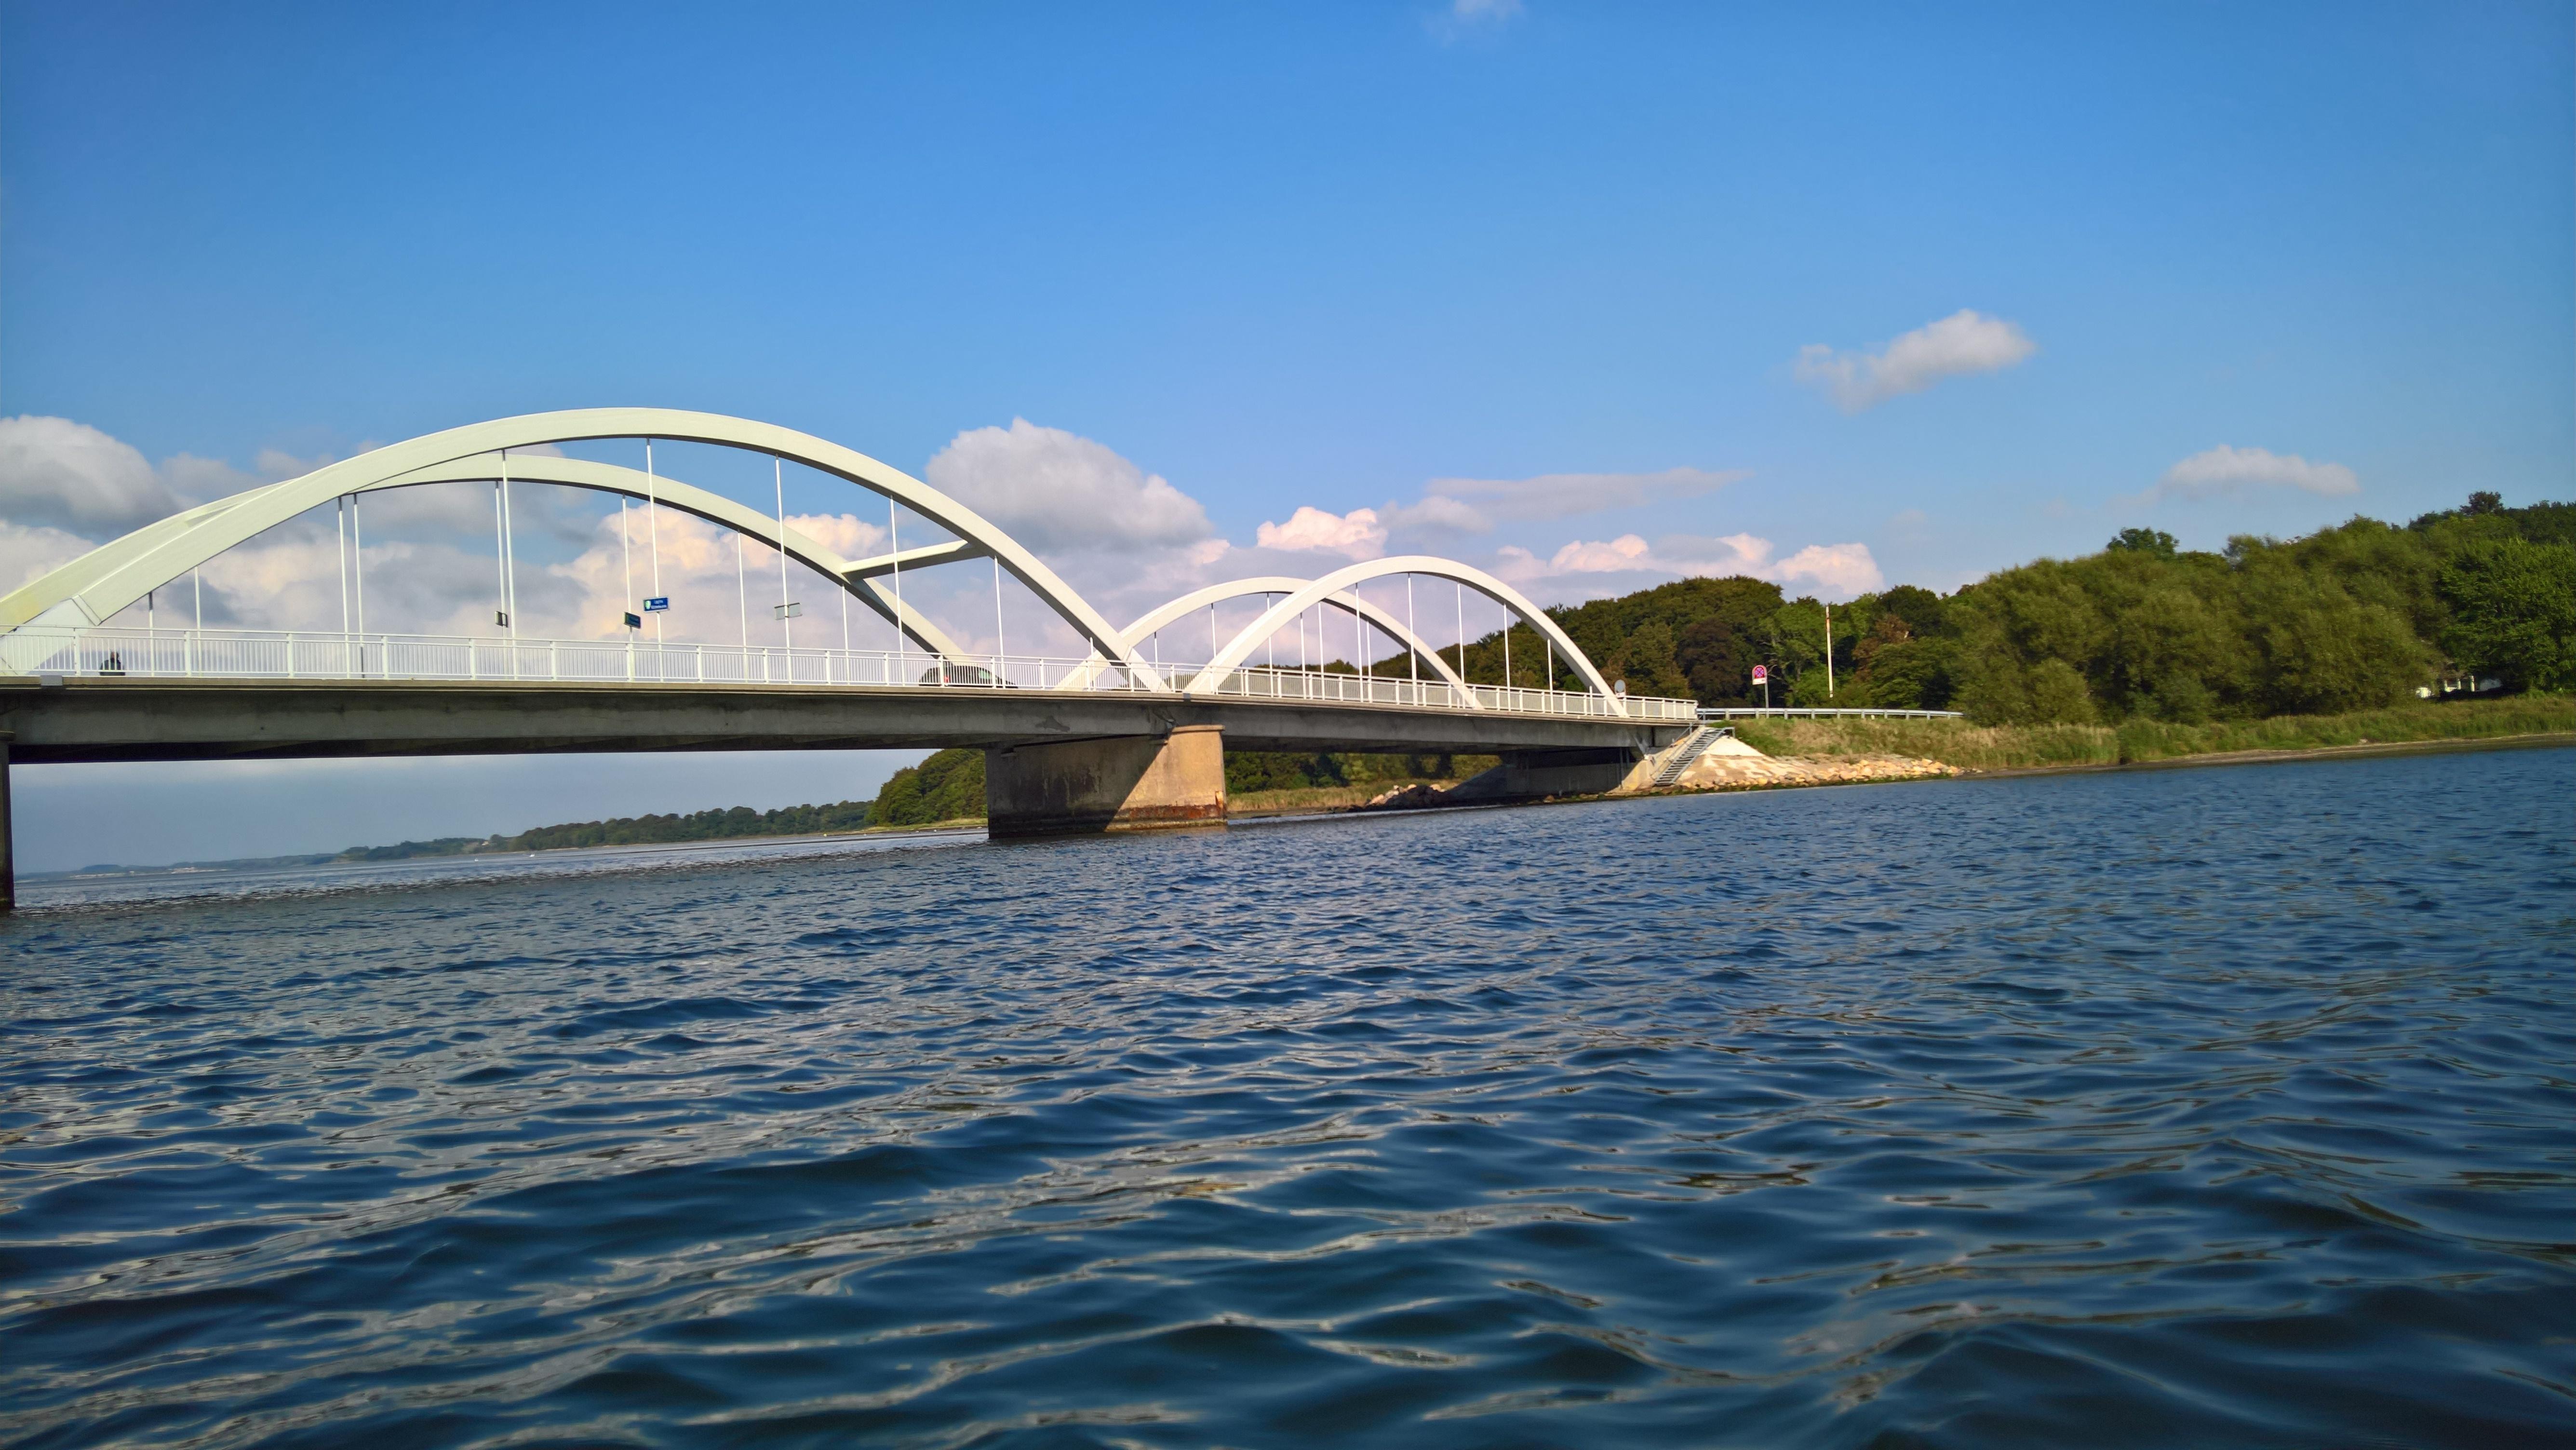 sol og lunt fjordvand ved Munkholmbroen